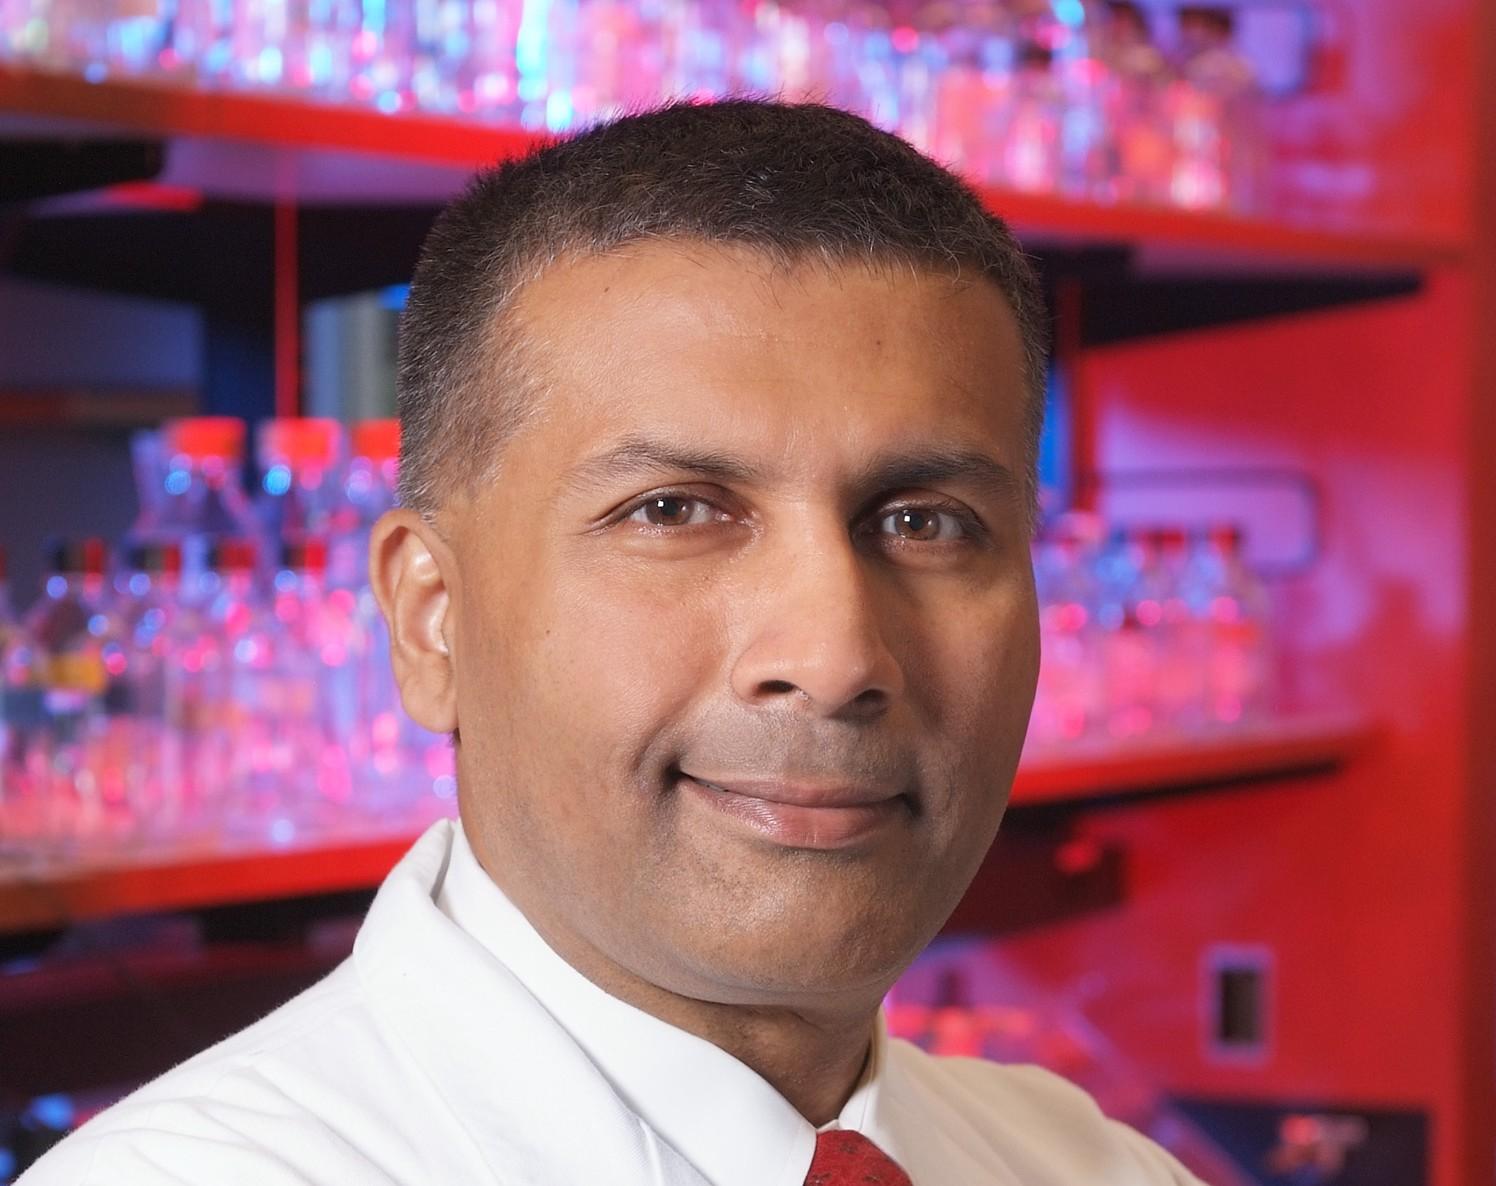 Dr. Javed Butler